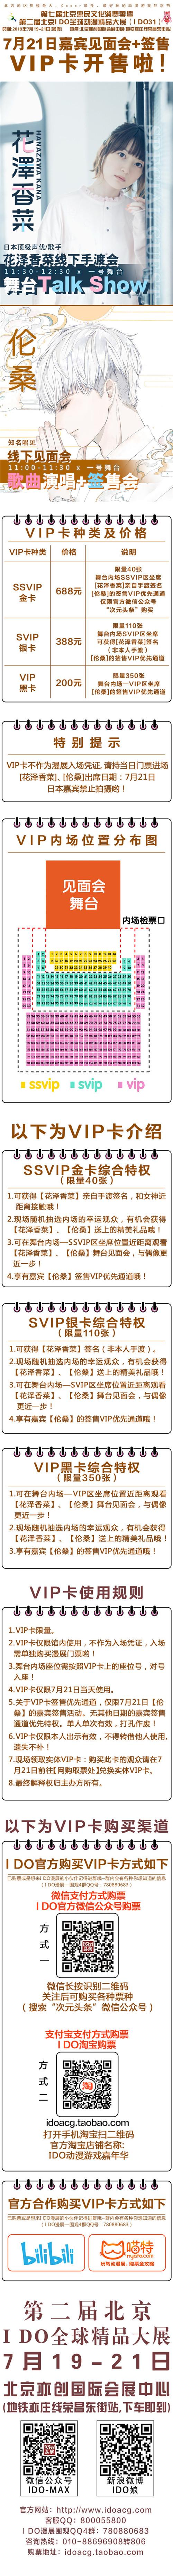 第二届北京IDO全球动漫精品大展定档7月 漫展 第2张